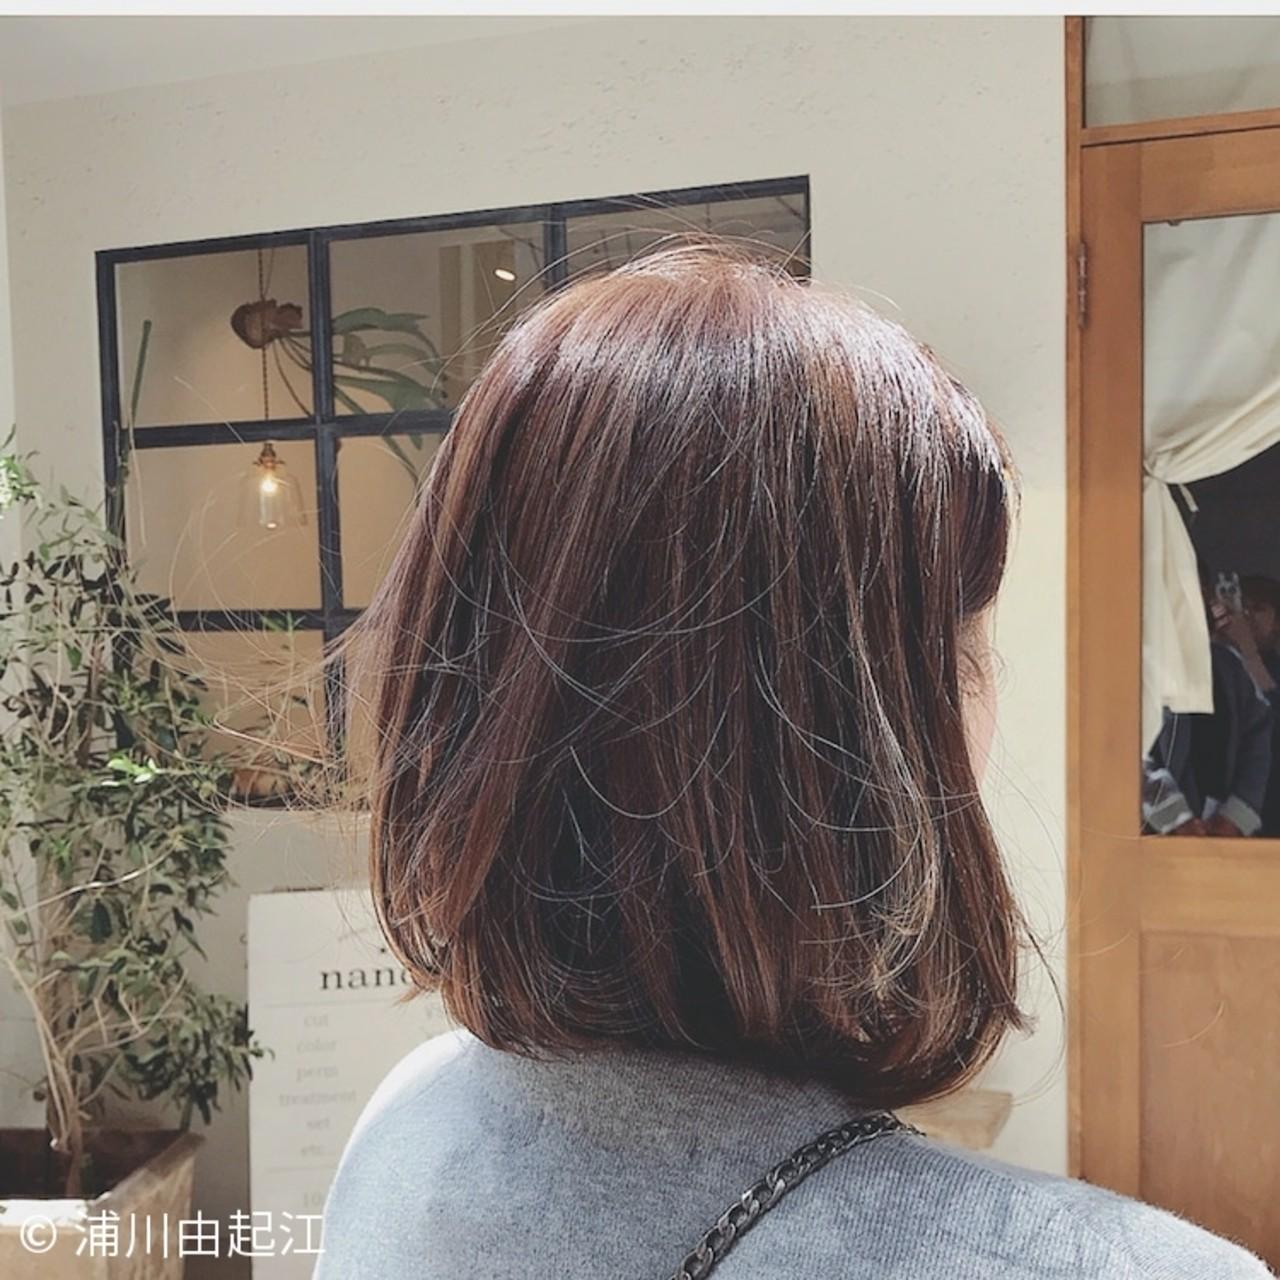 ハイライト ナチュラル デート 大人かわいい ヘアスタイルや髪型の写真・画像 | 浦川由起江 / nanon